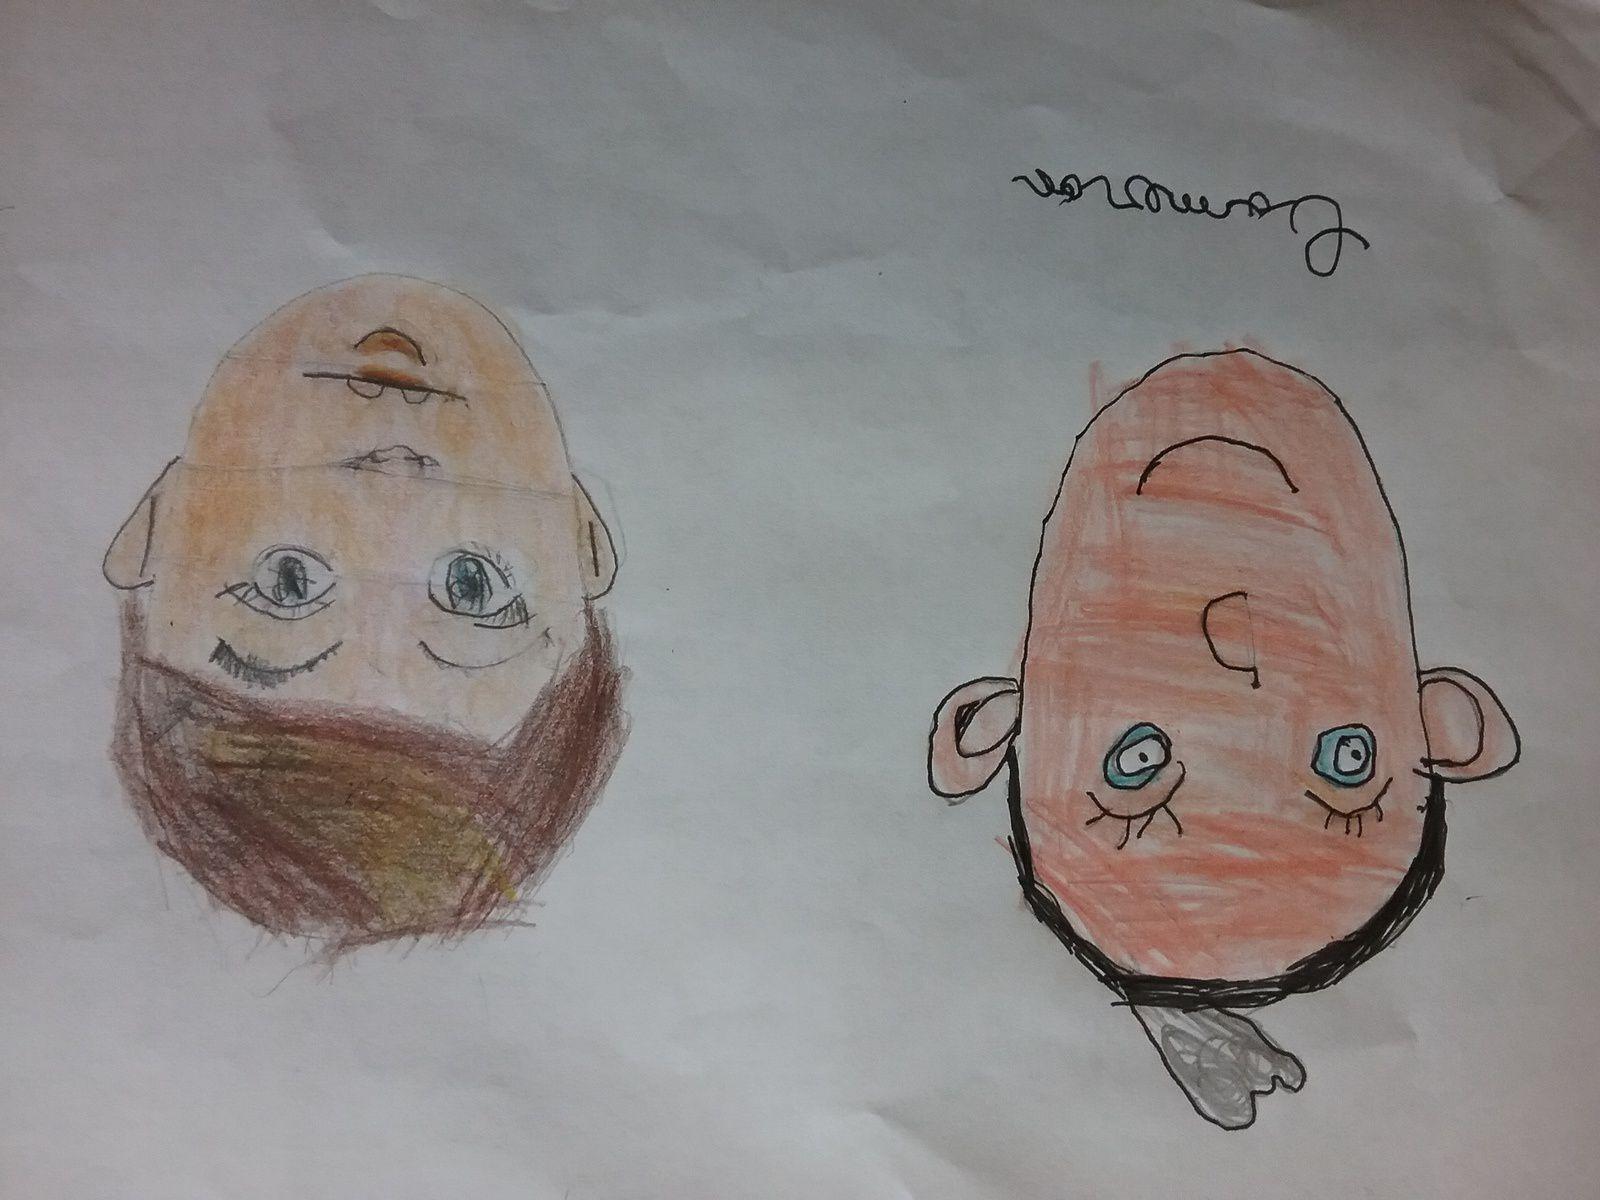 Les visages avant et après avoir travaillé